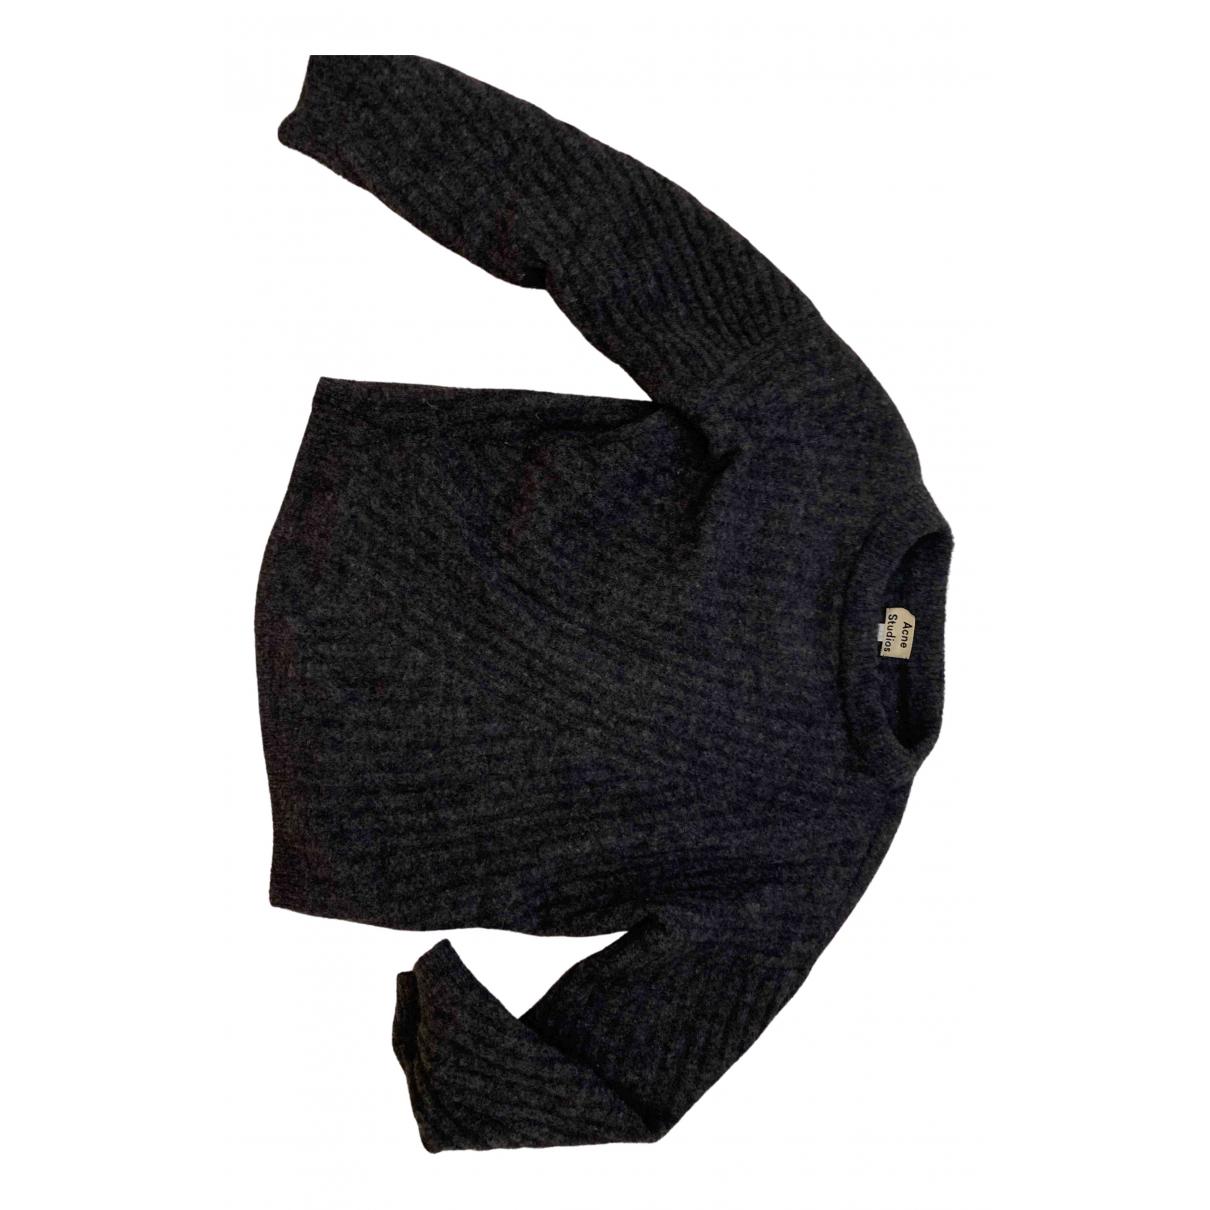 Acne Studios - Pull   pour femme en laine - anthracite